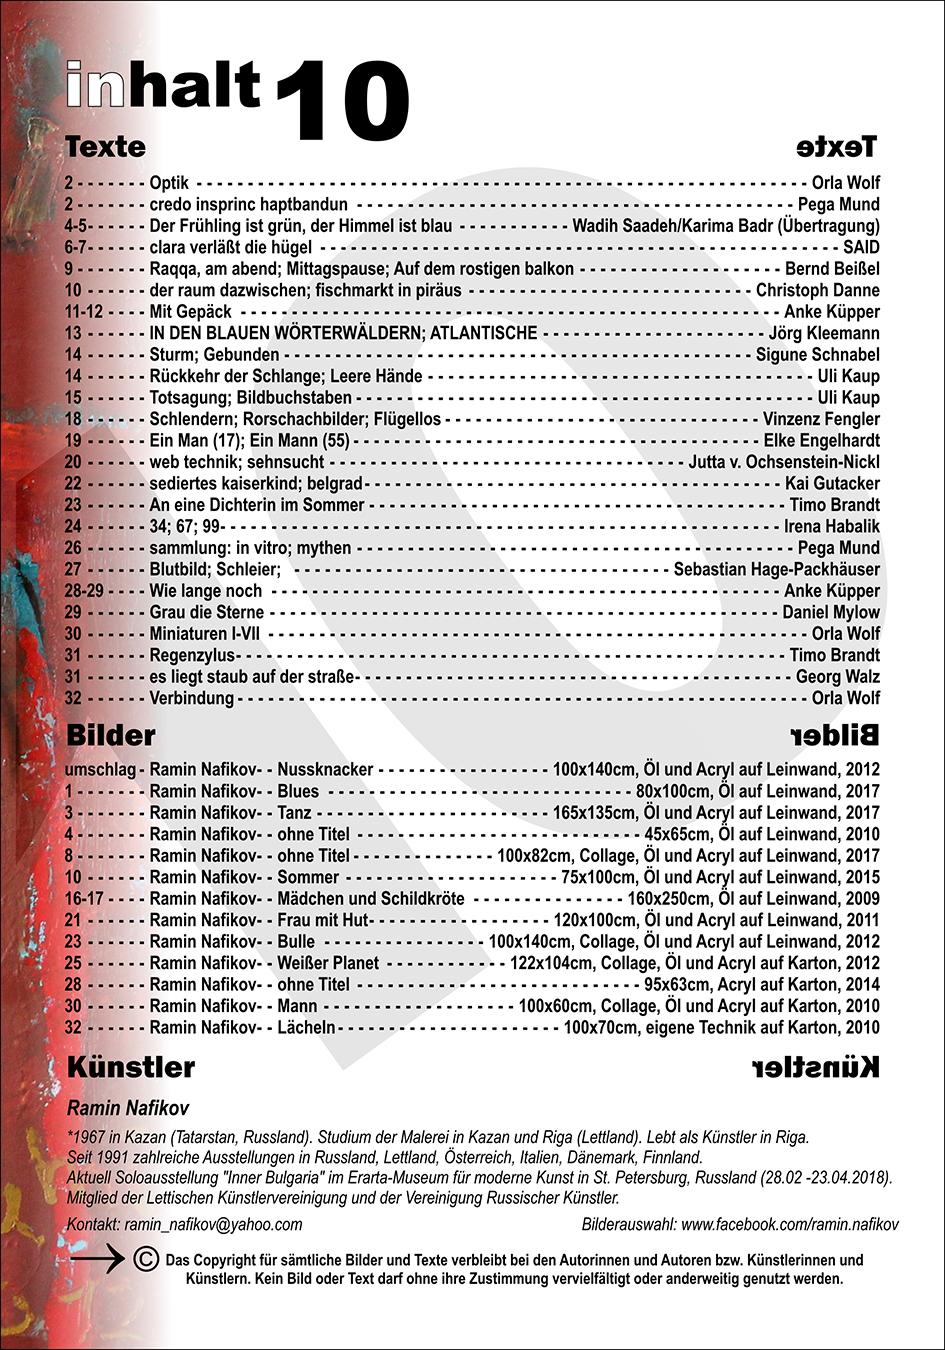 Inhaltsverzeichnis Nr. 10